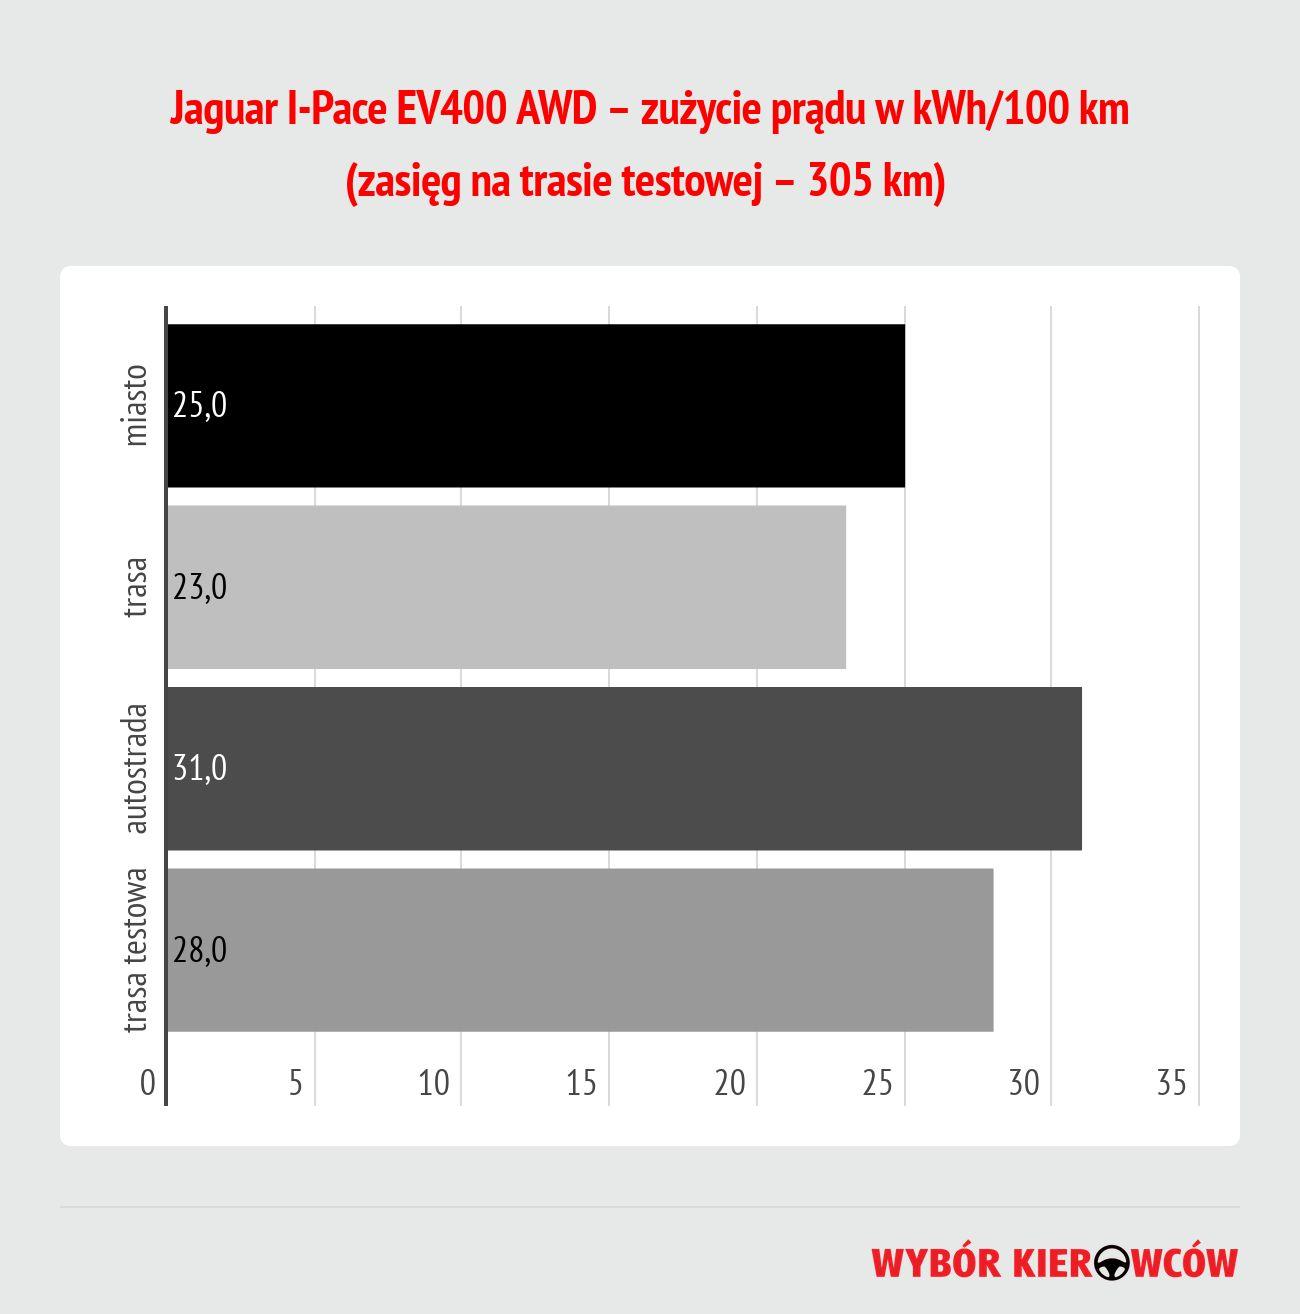 jaguar-i-pace-ev400-awd-zuzycie-energii